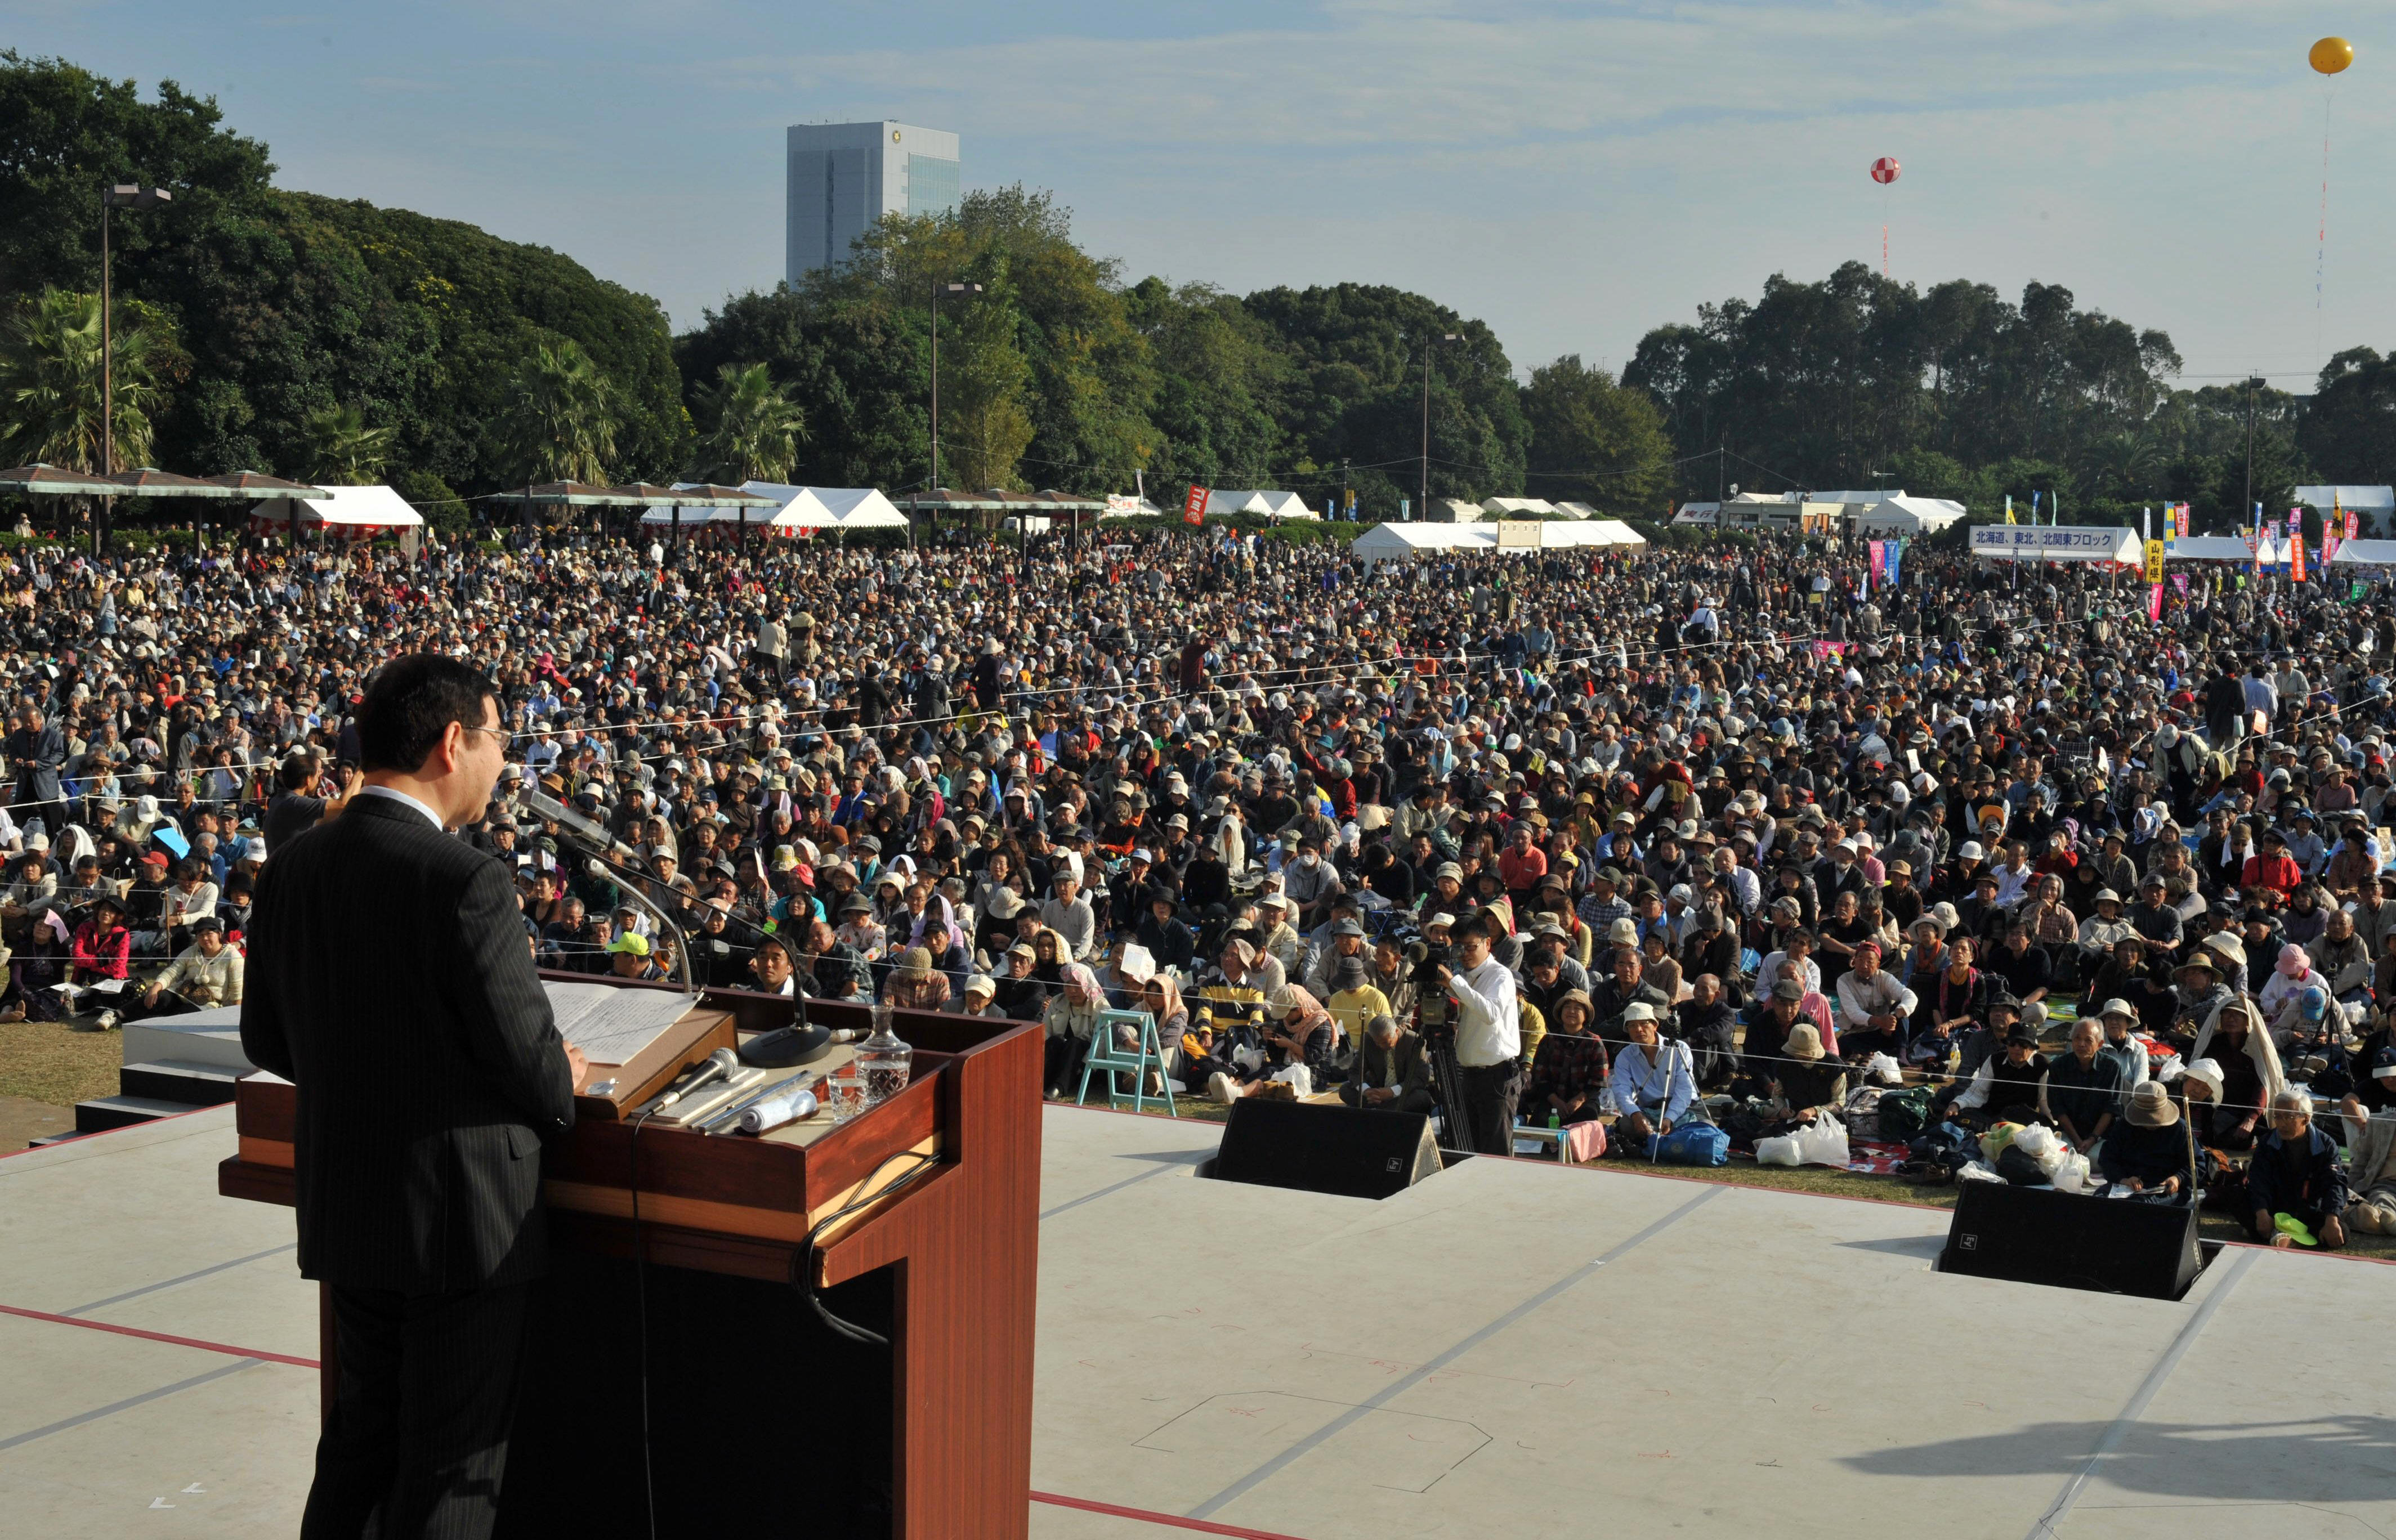 前回赤旗まつりで記念演説する志位和夫委員長=2010年